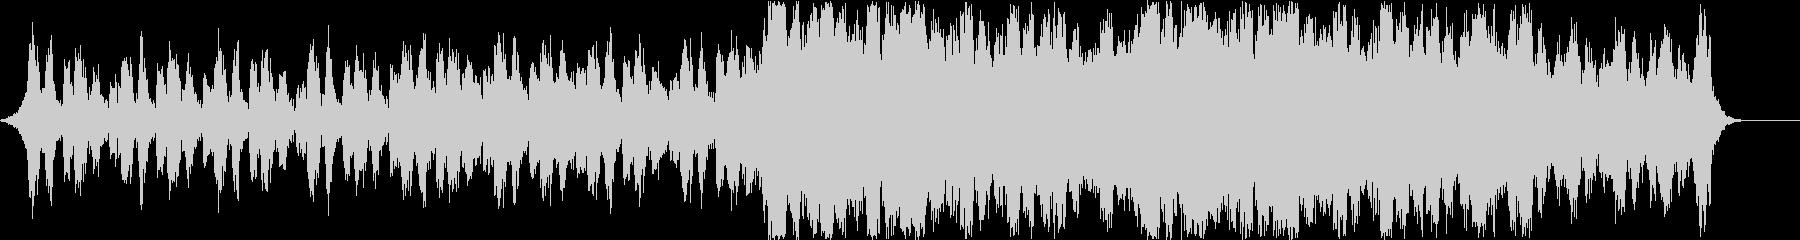 ドラマのサントラ風オーケストラ01_Aの未再生の波形